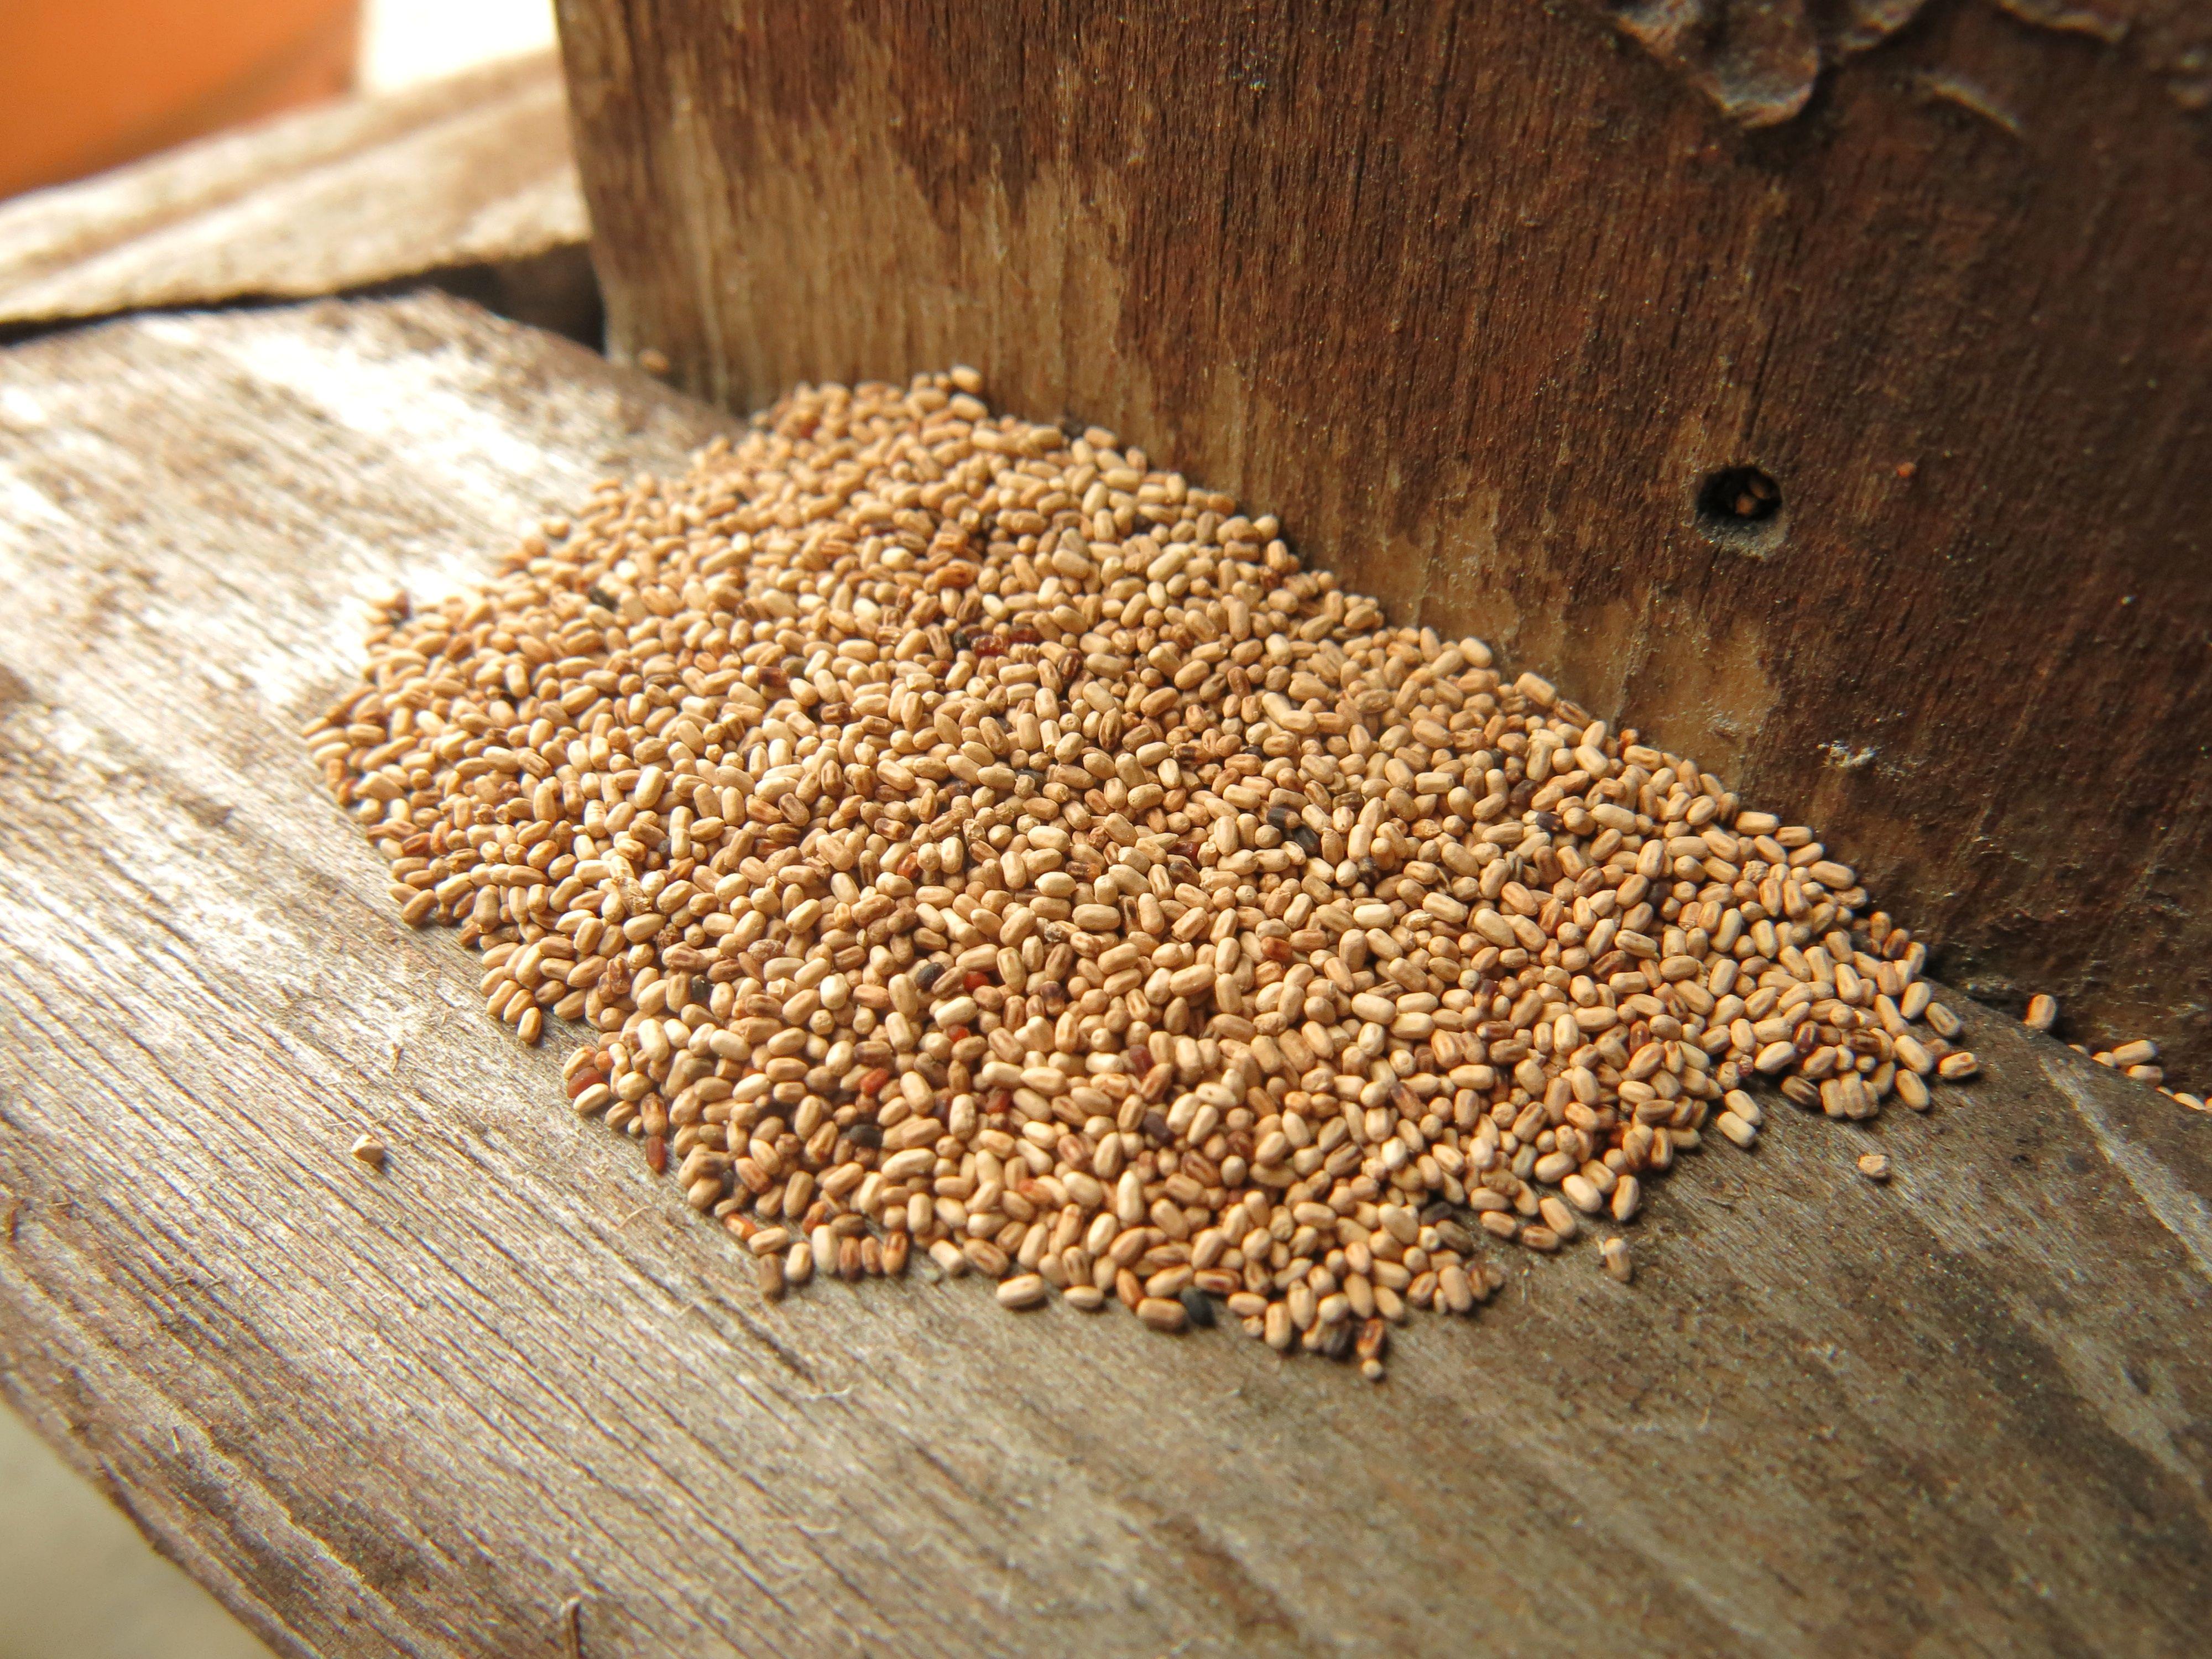 Termite Damage Pictures Termite Damage Termite Control Termites